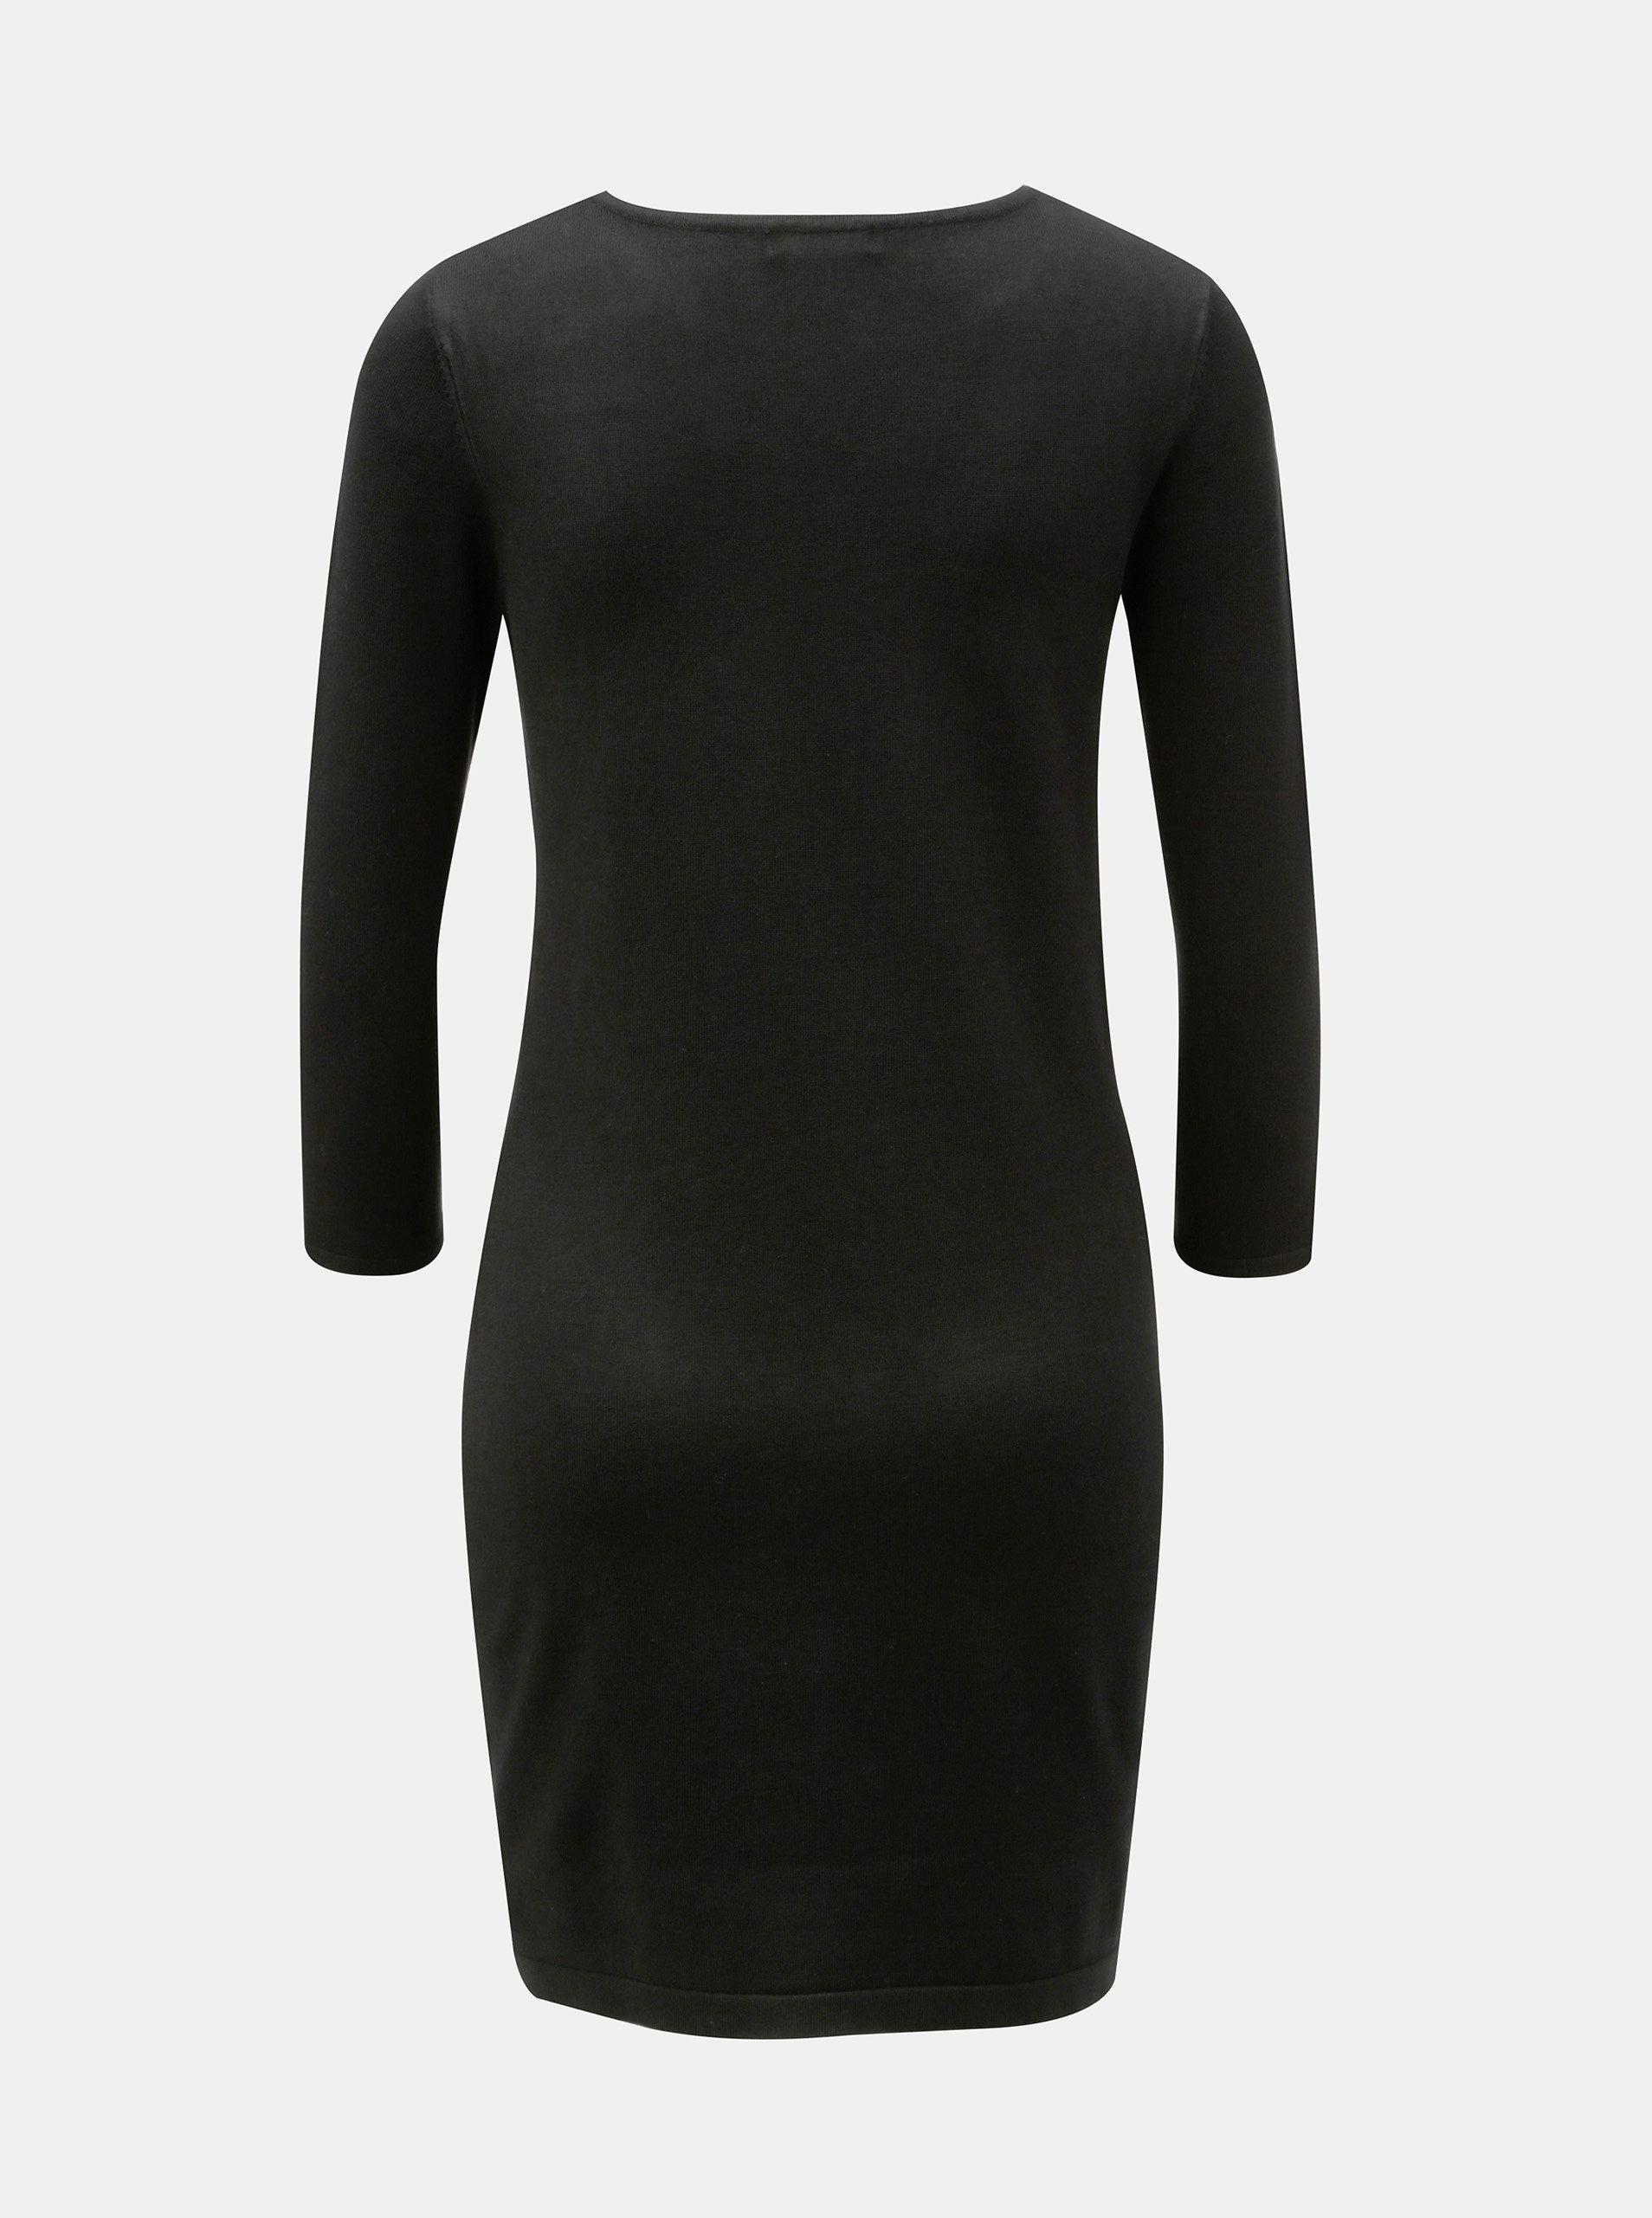 2ae5a8c77ff5 Černé svetrové šaty s výšivkou M Co ...